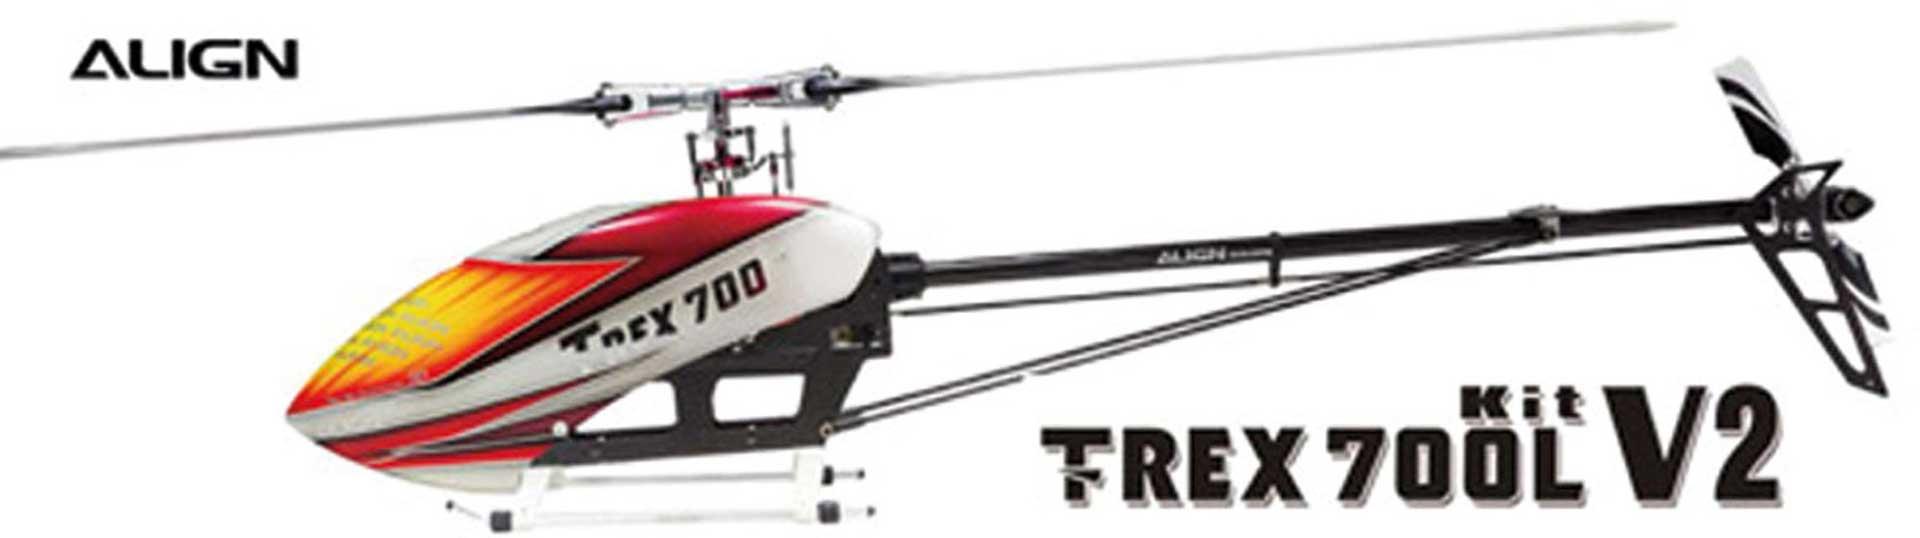 ALIGN T-REX 700L V2 KIT Hubschrauber / Helikopter